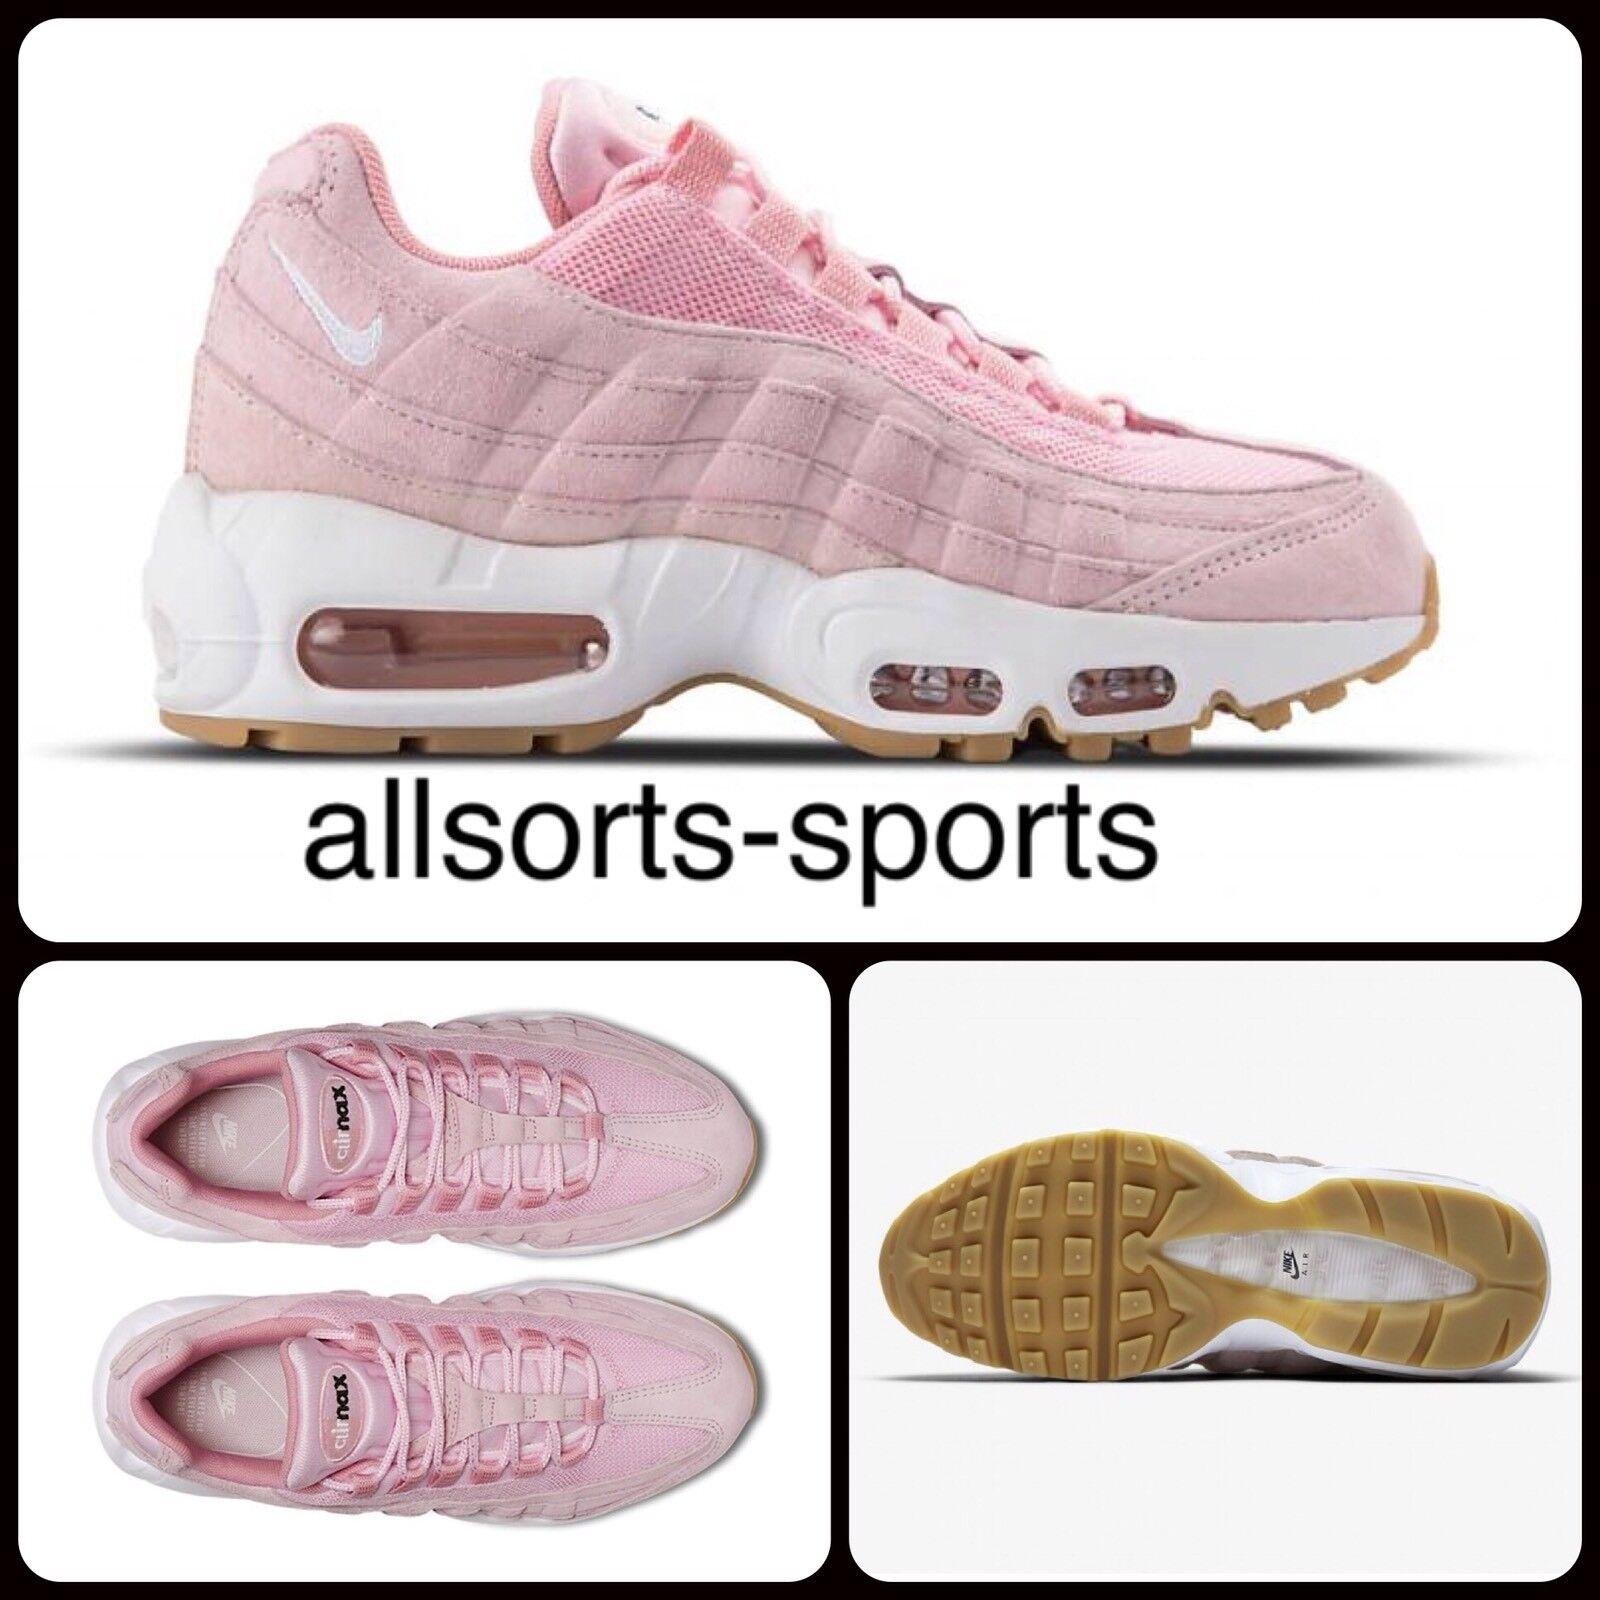 R82 Nike Bir Max 95 SD Women's UK 4 EUR 37.5 Prism Pink 919924-600